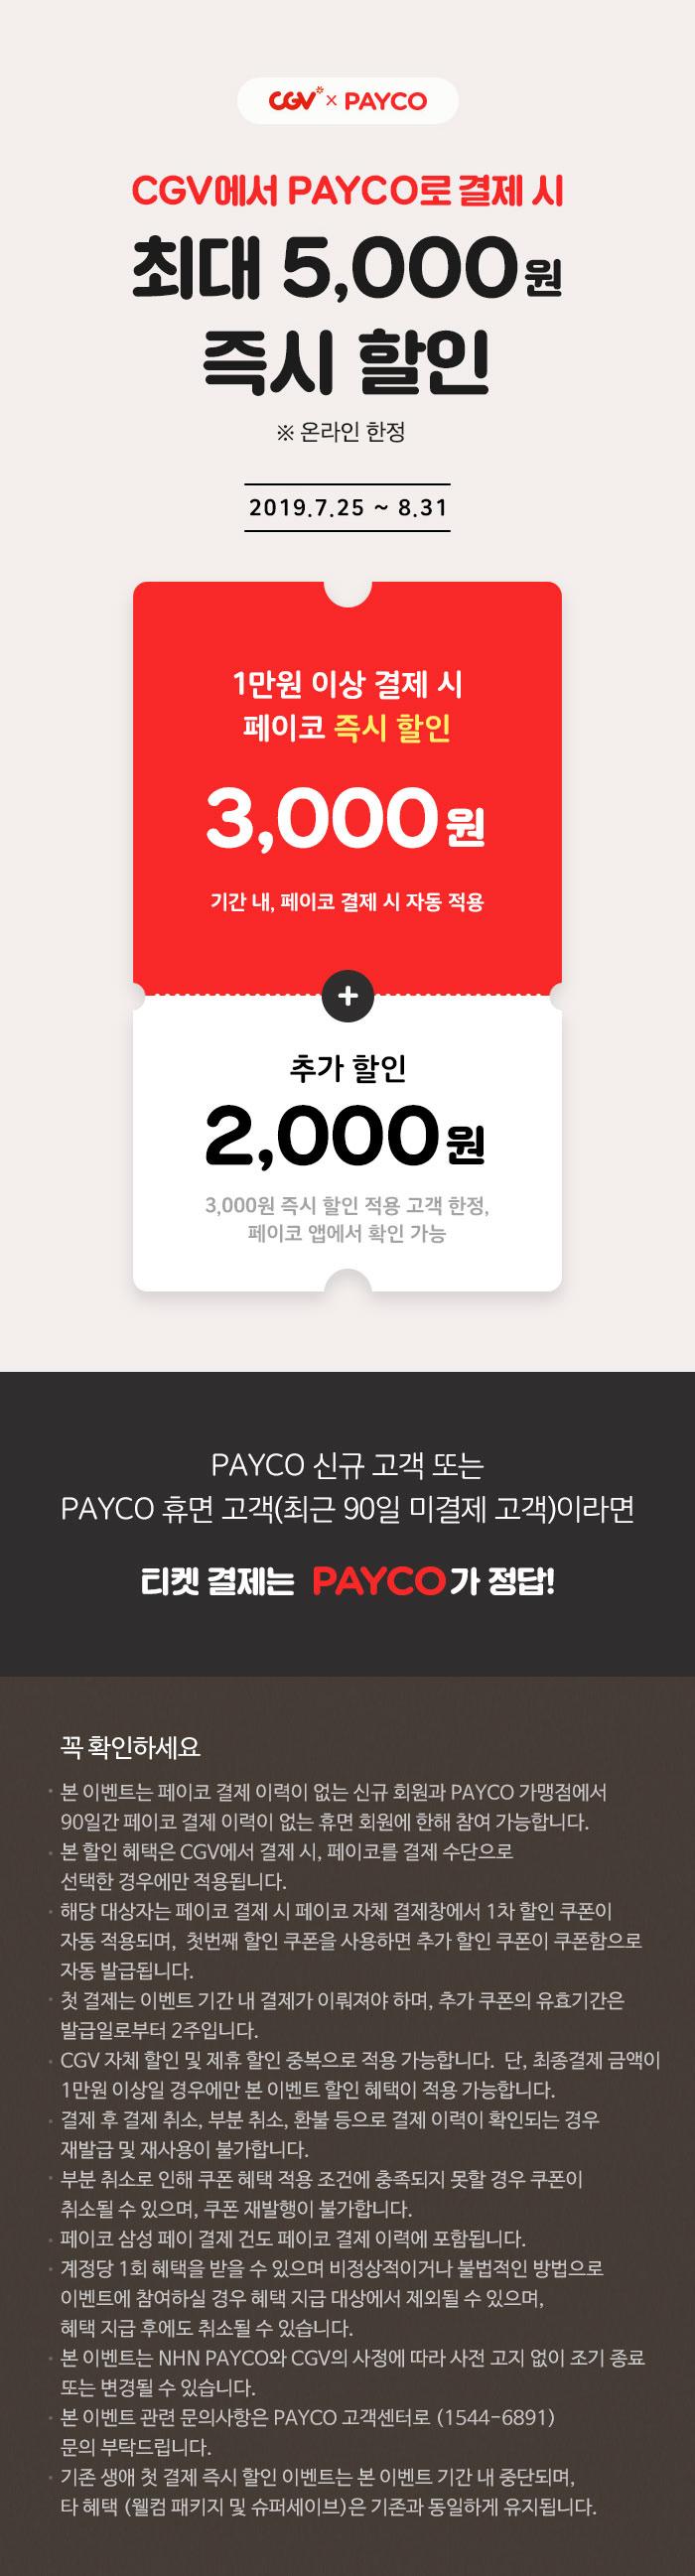 제휴/할인 PAYCO 결제하고 할인·적립 받자!